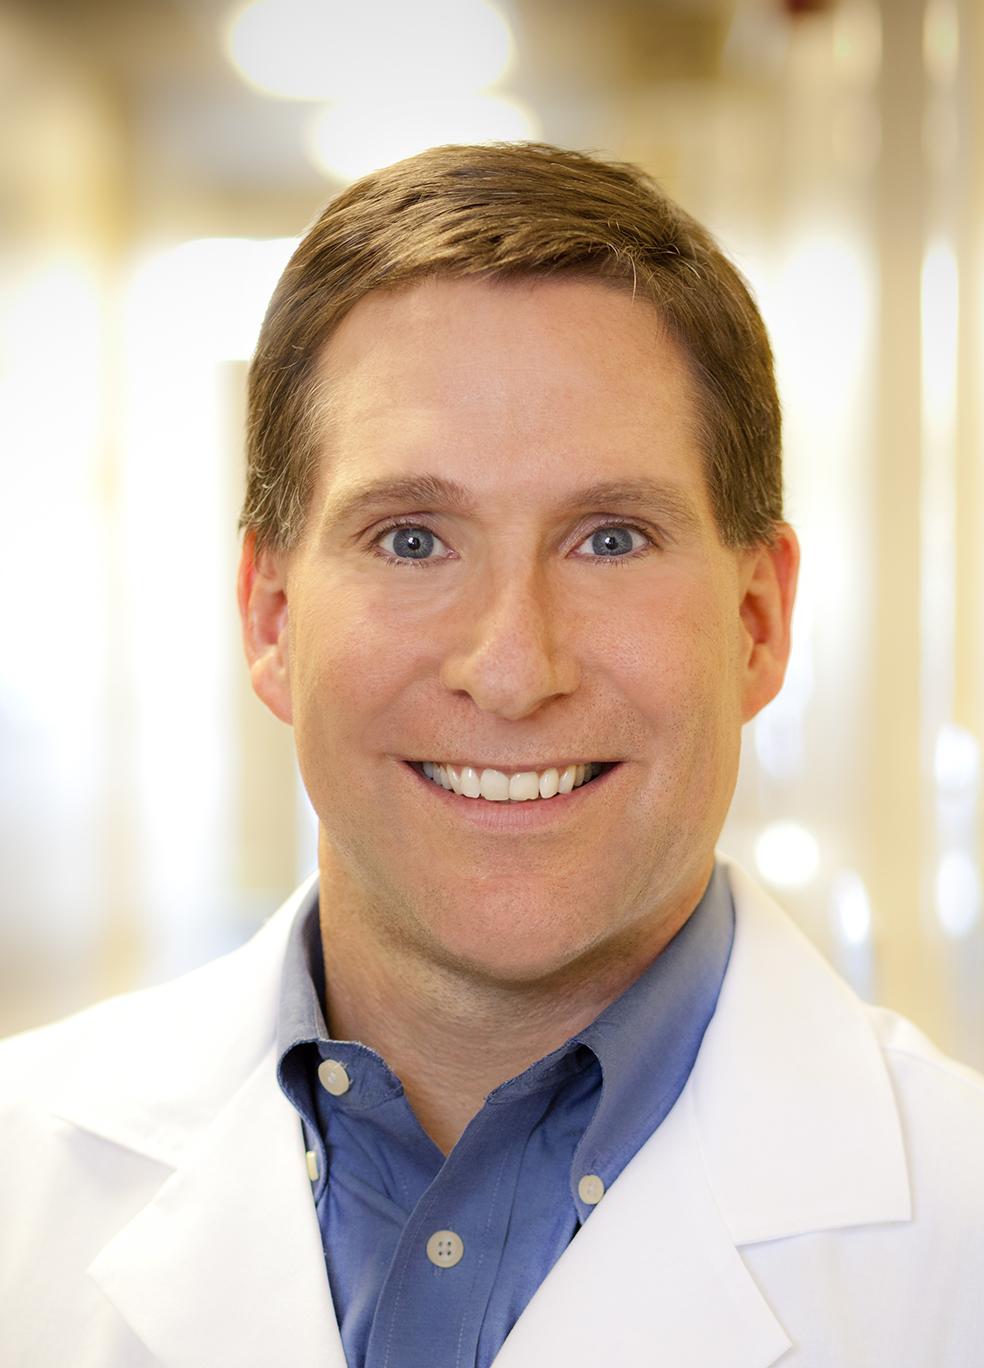 Christopher Mernitz, MD